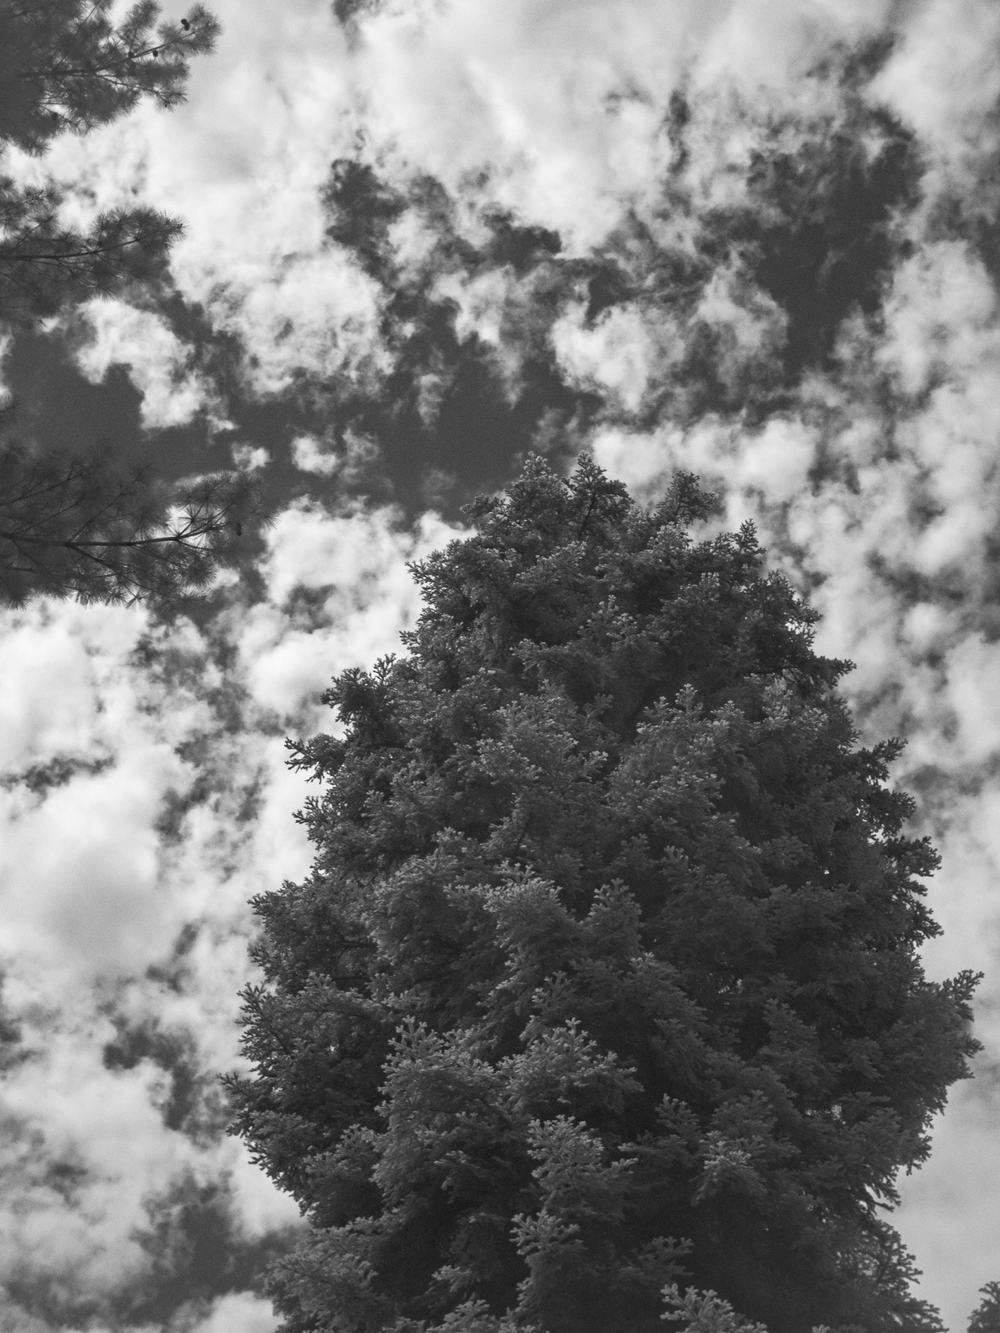 05.27.13.32.12 - Schwarzwald in IR.jpg